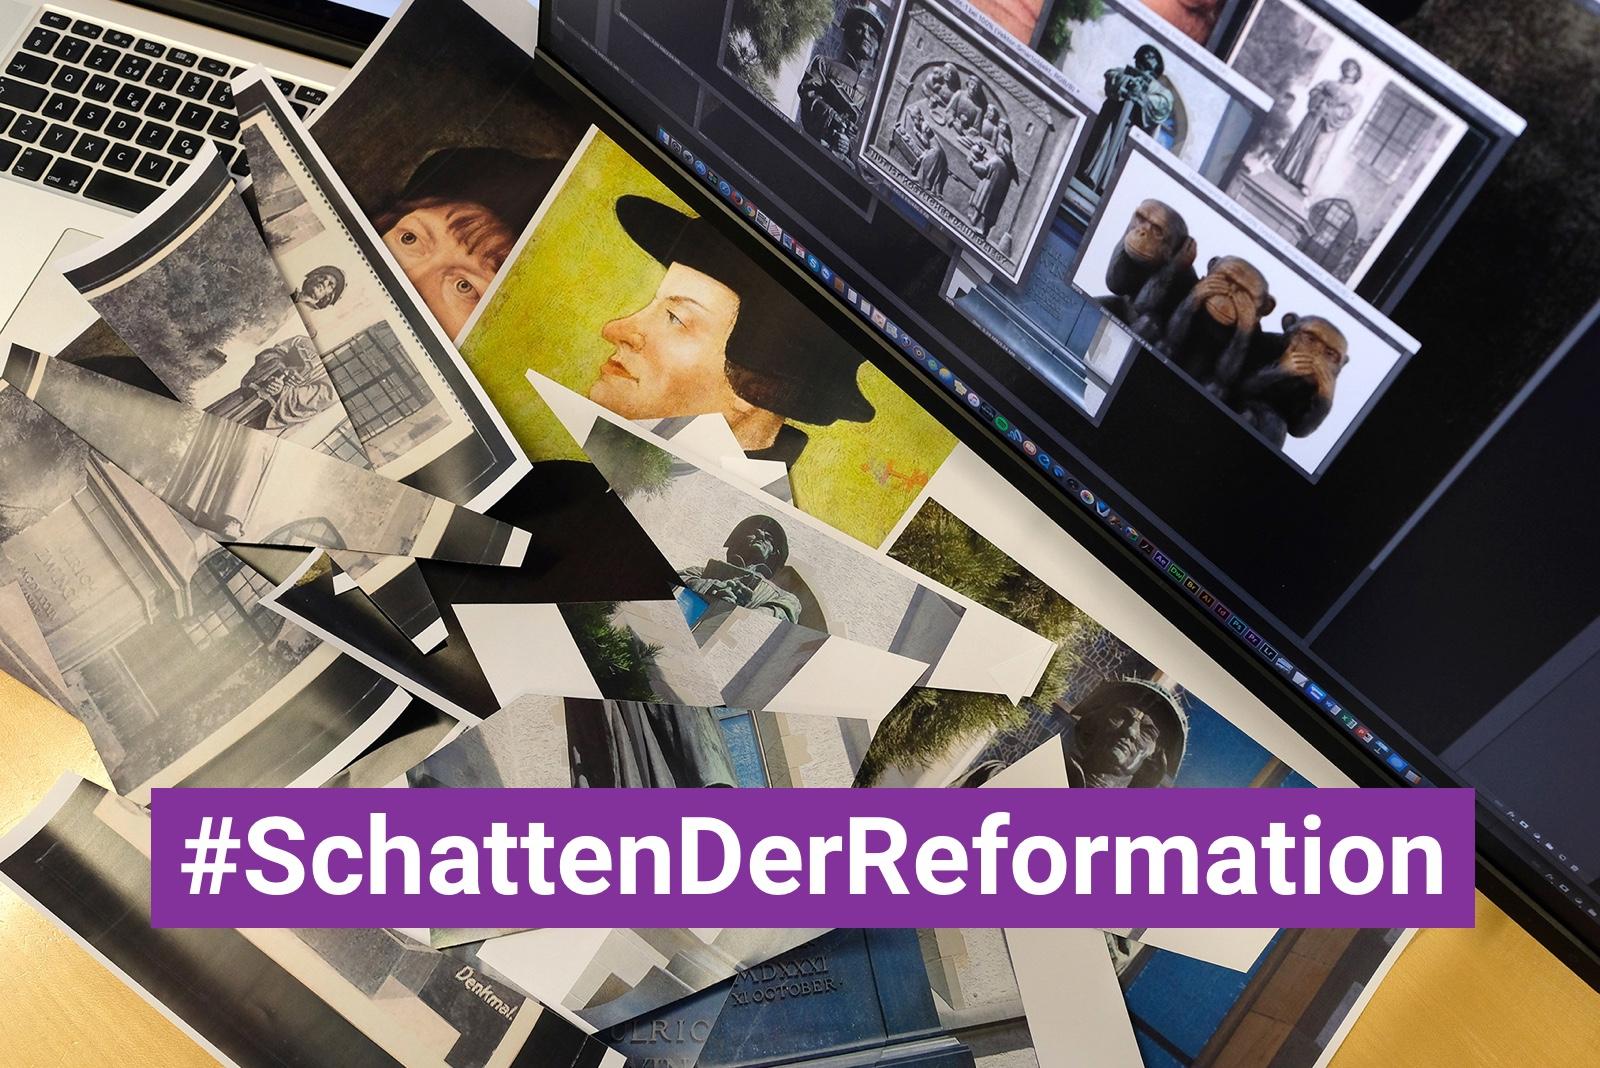 Schatten der Reformation